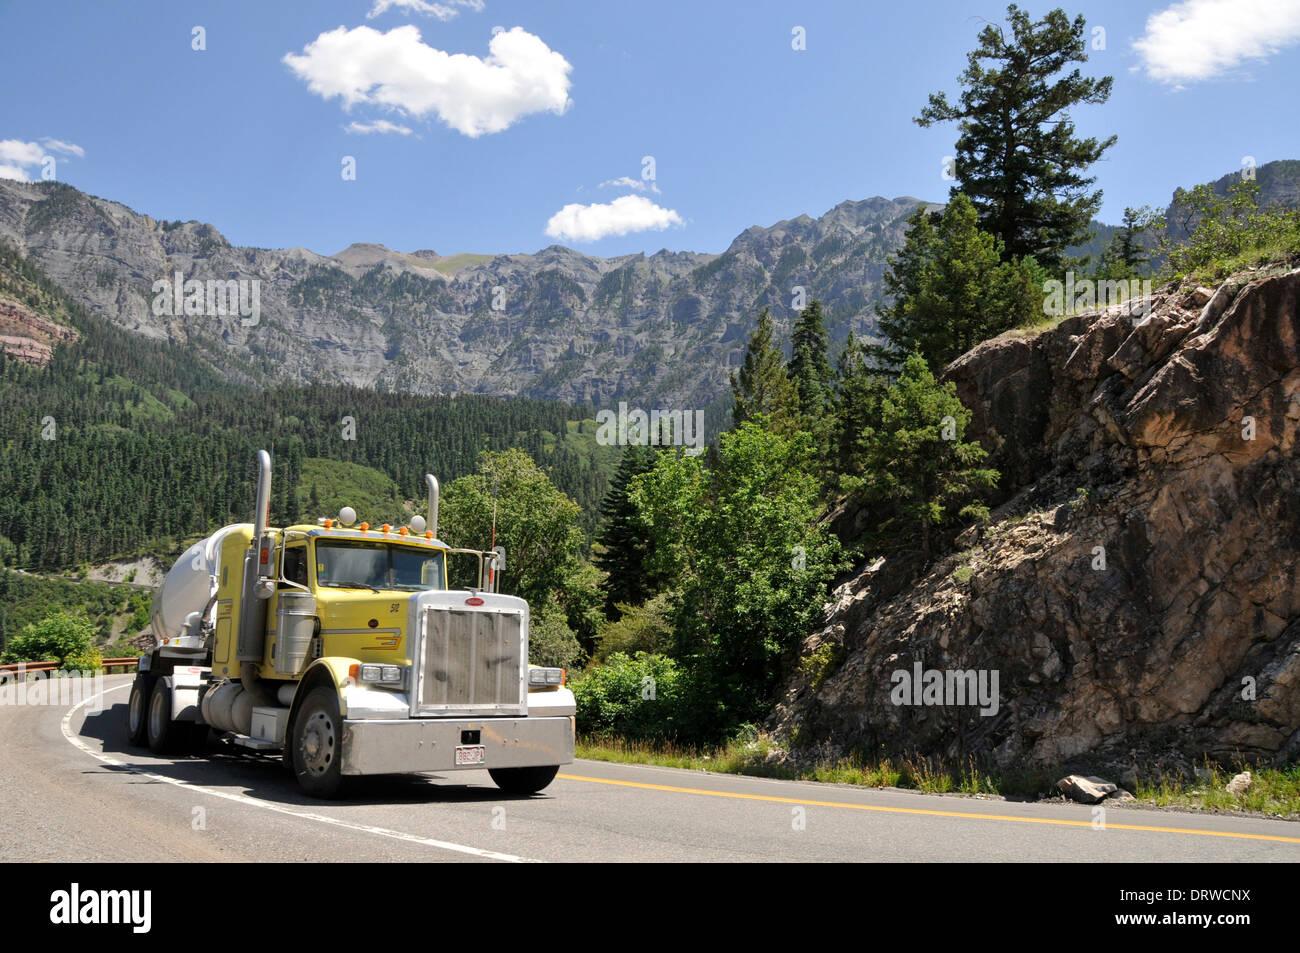 Große gelbe Lastwagen und Rigg klettern die kurvenreiche Landstraße aber die Rockies mit blauem Himmel und Berglandschaft Stockbild